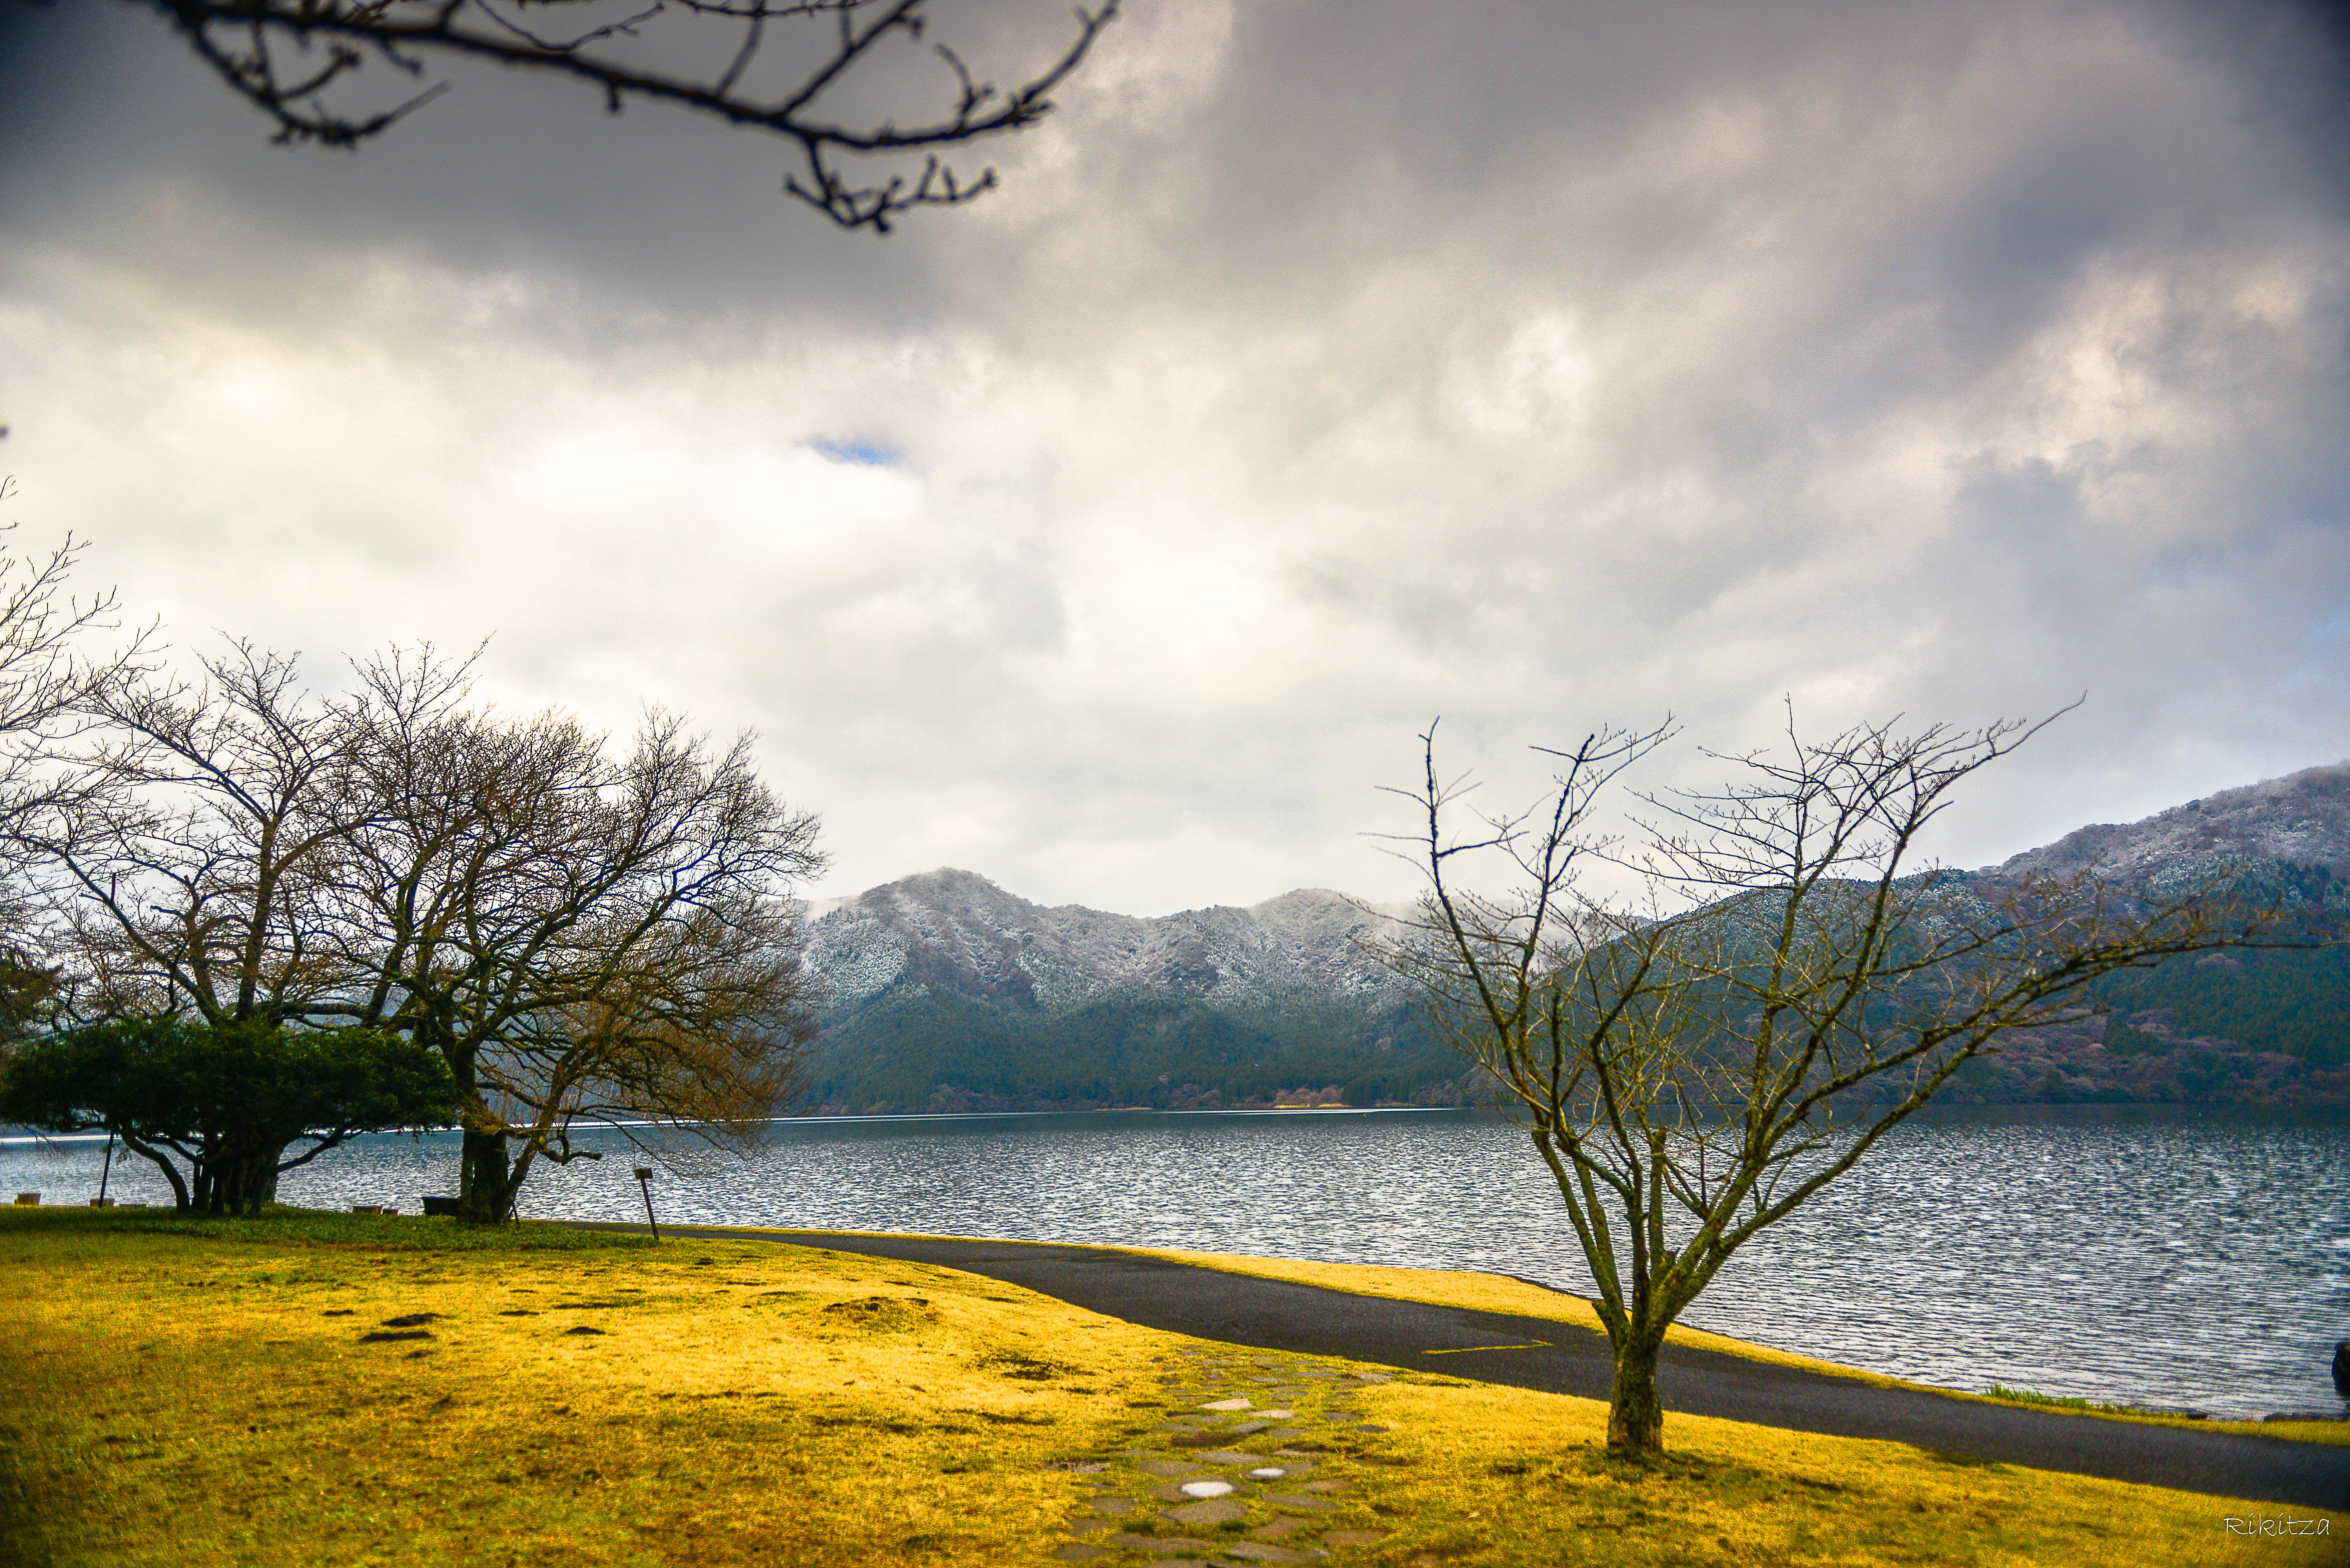 at the Hakone lake - once more